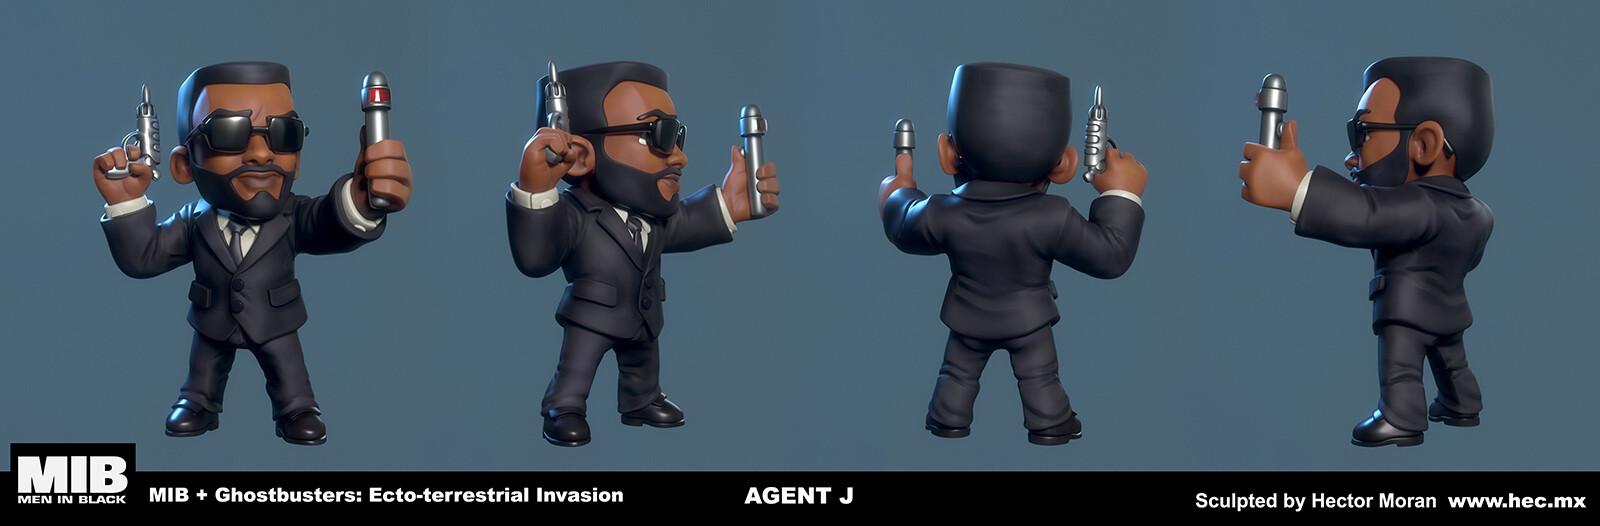 Hector moran hec agent j shots